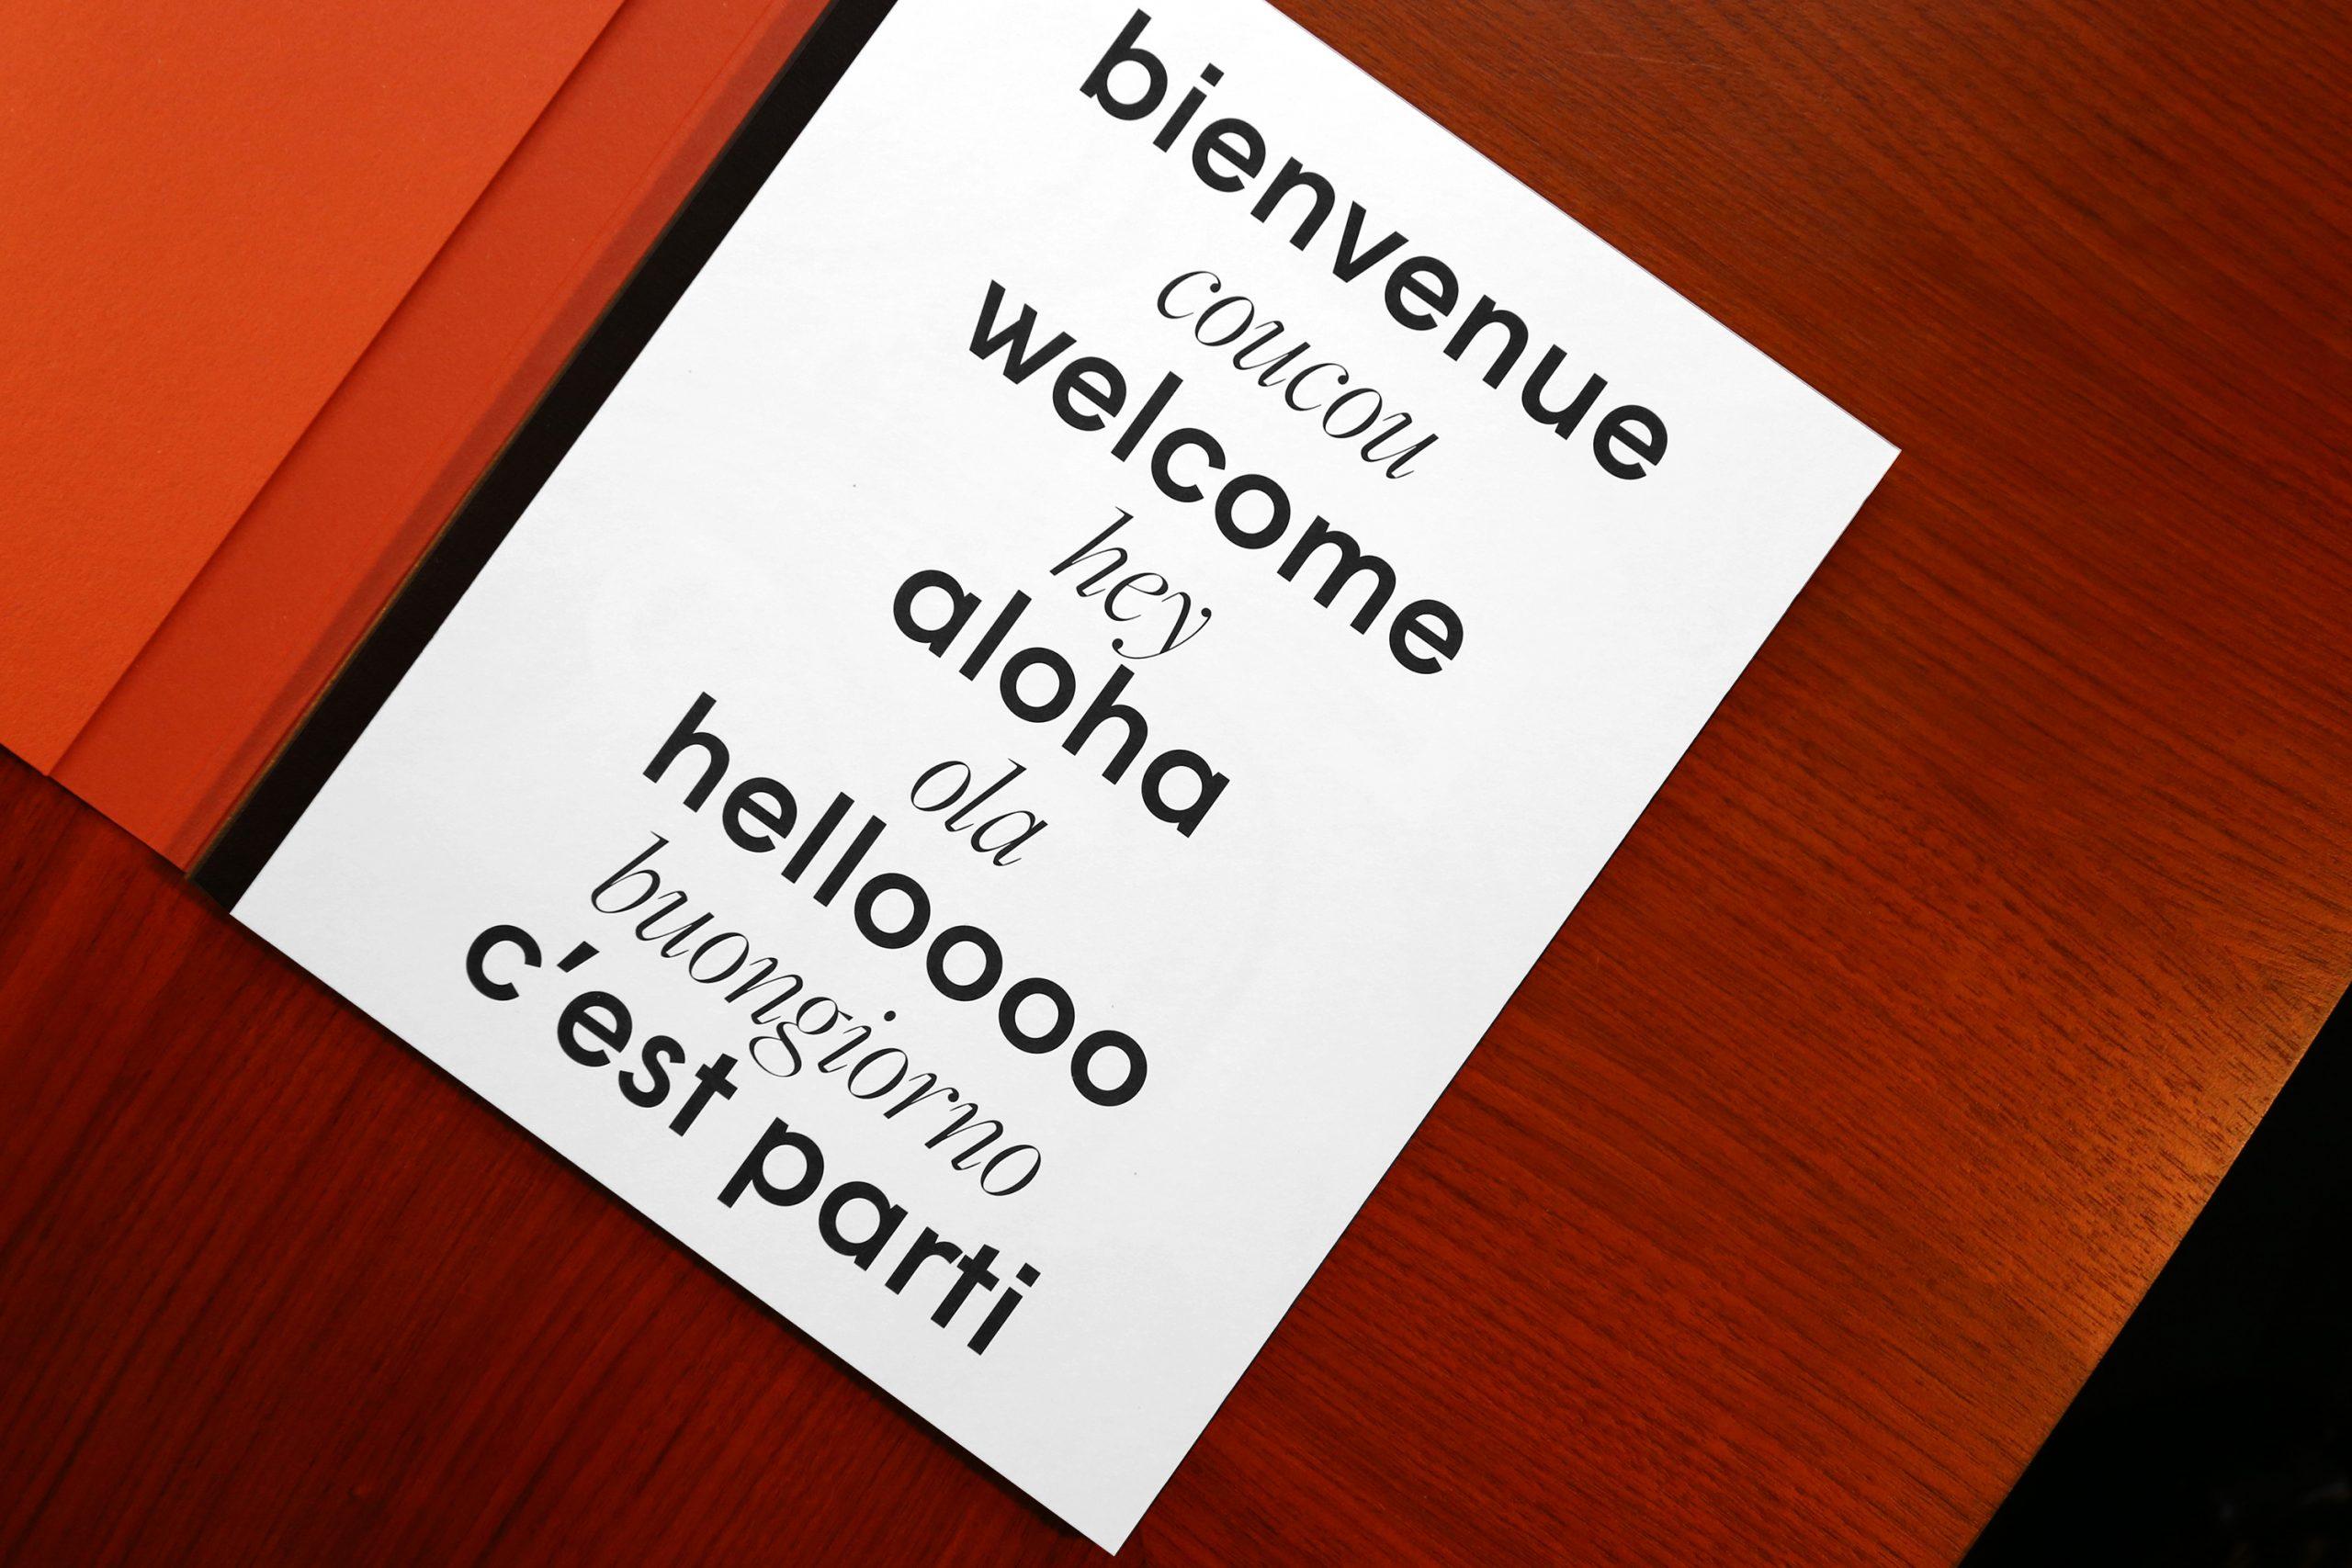 bienvenue helloooo